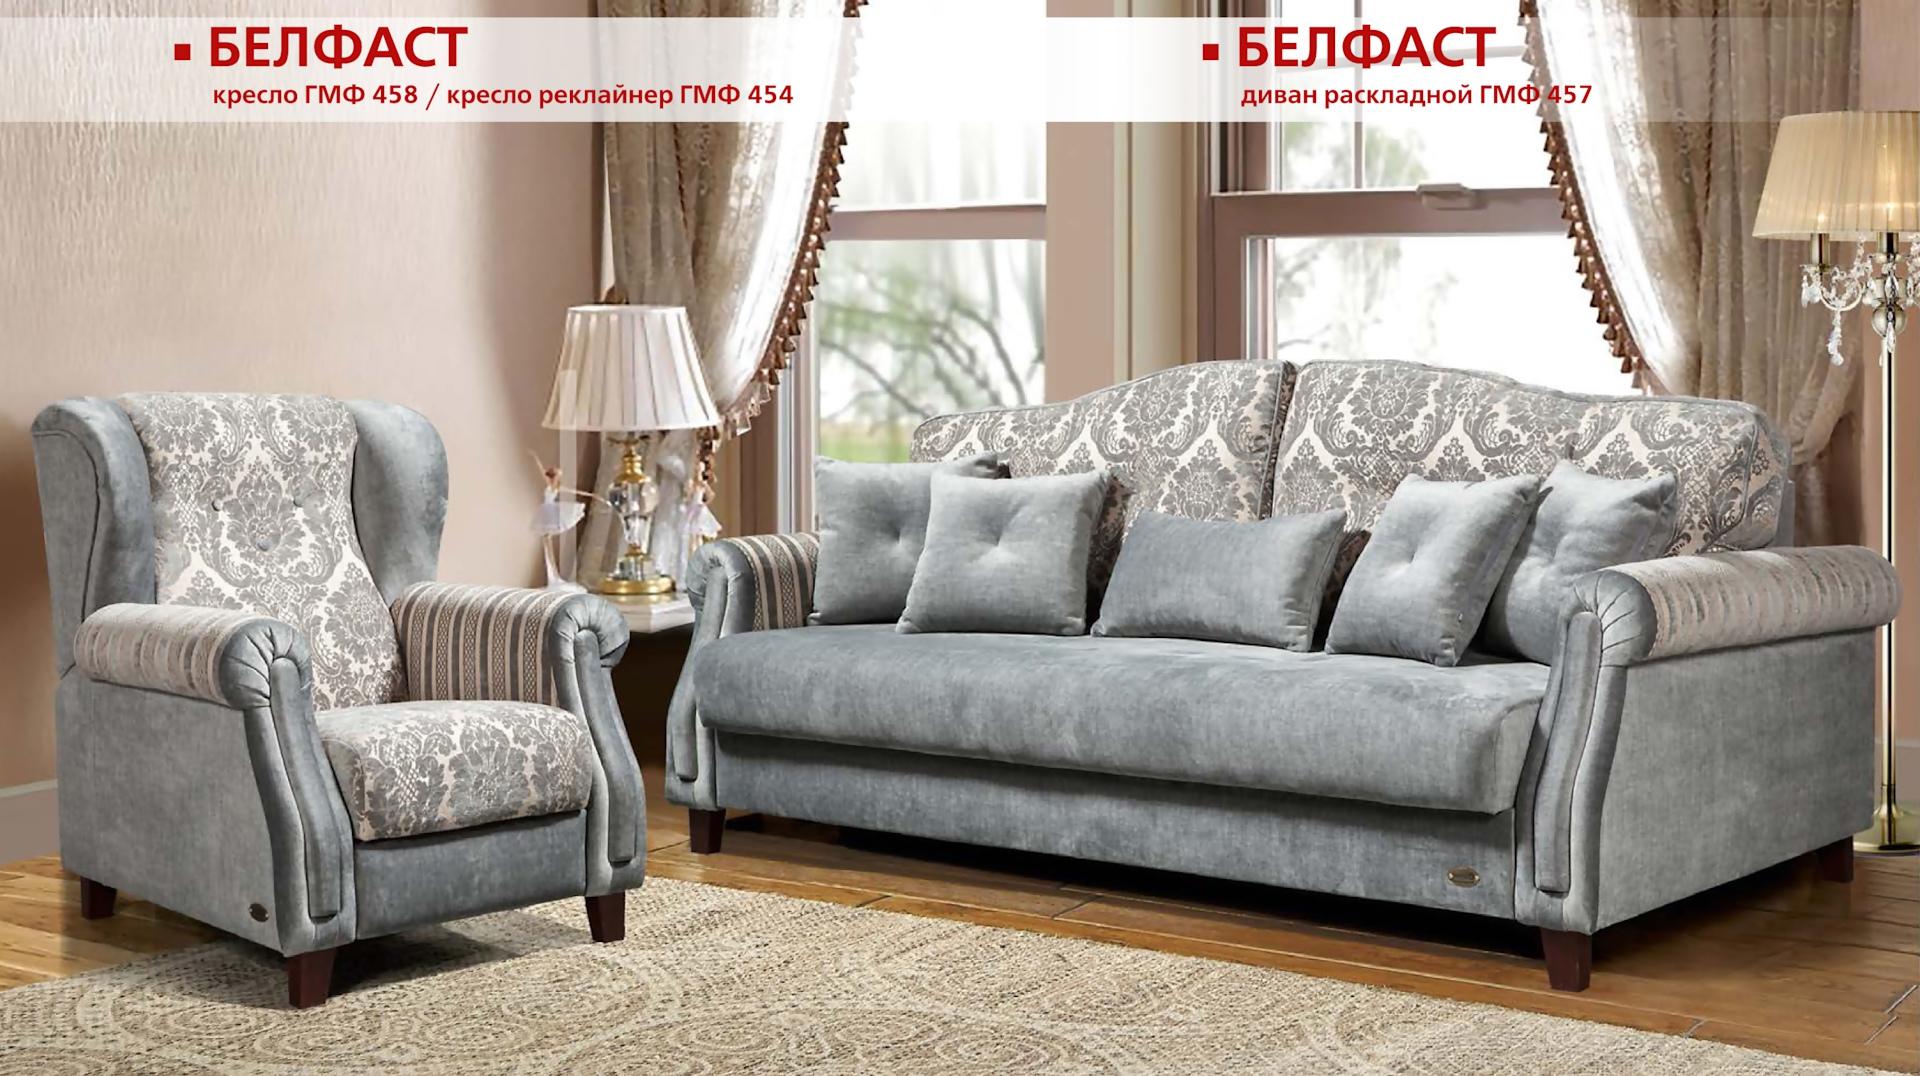 Белфаст мягкая мебель